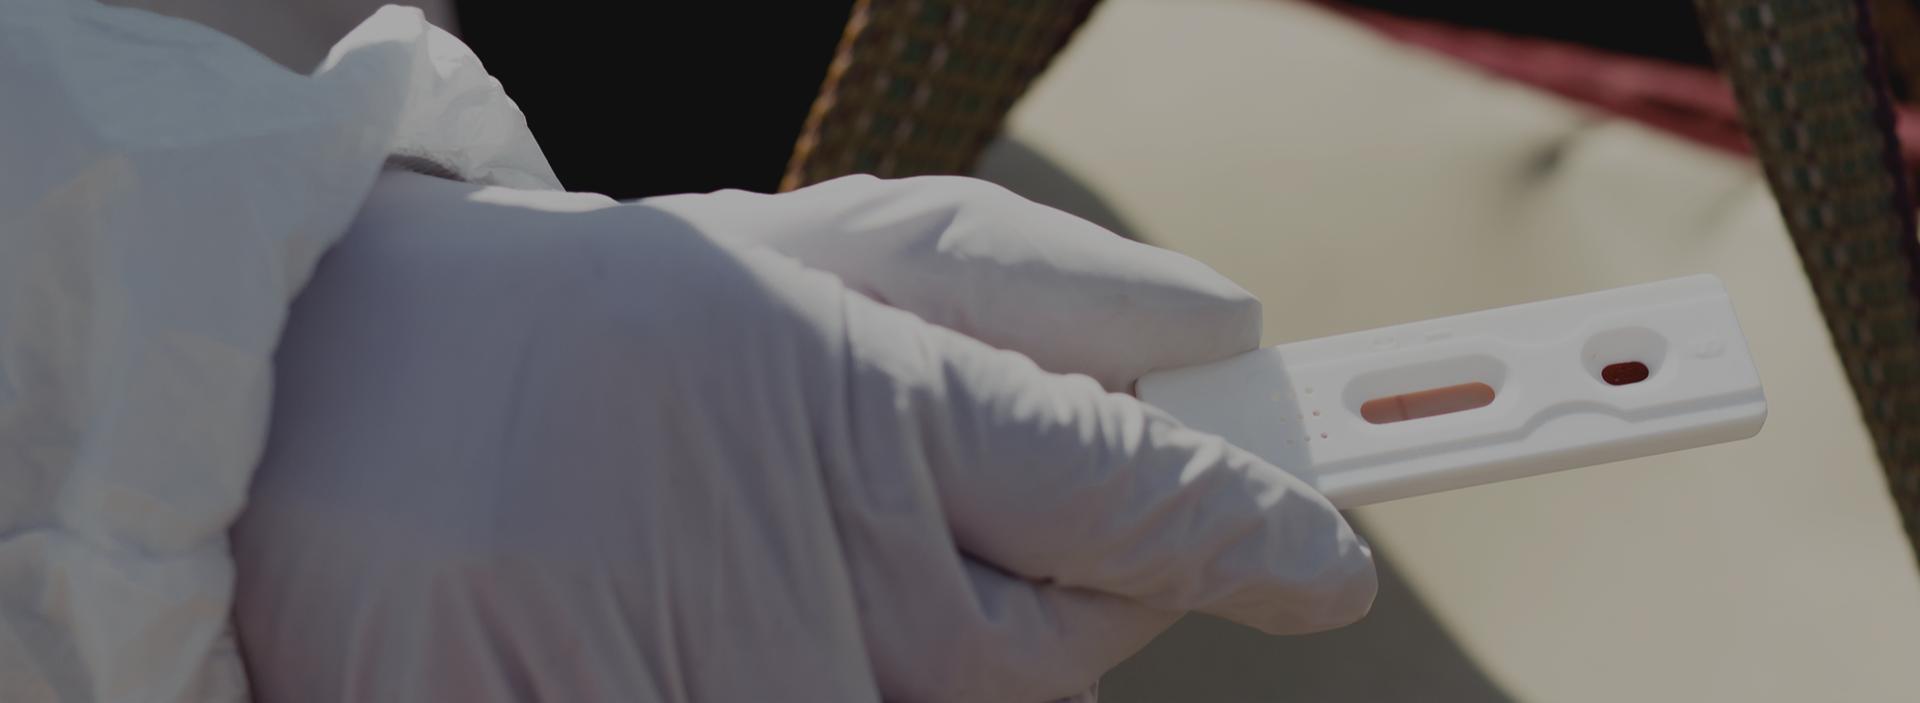 N-iX закупив 8 тисяч тестів та допомагає розробляти ІТ-рішення для боротьби з COVID-19